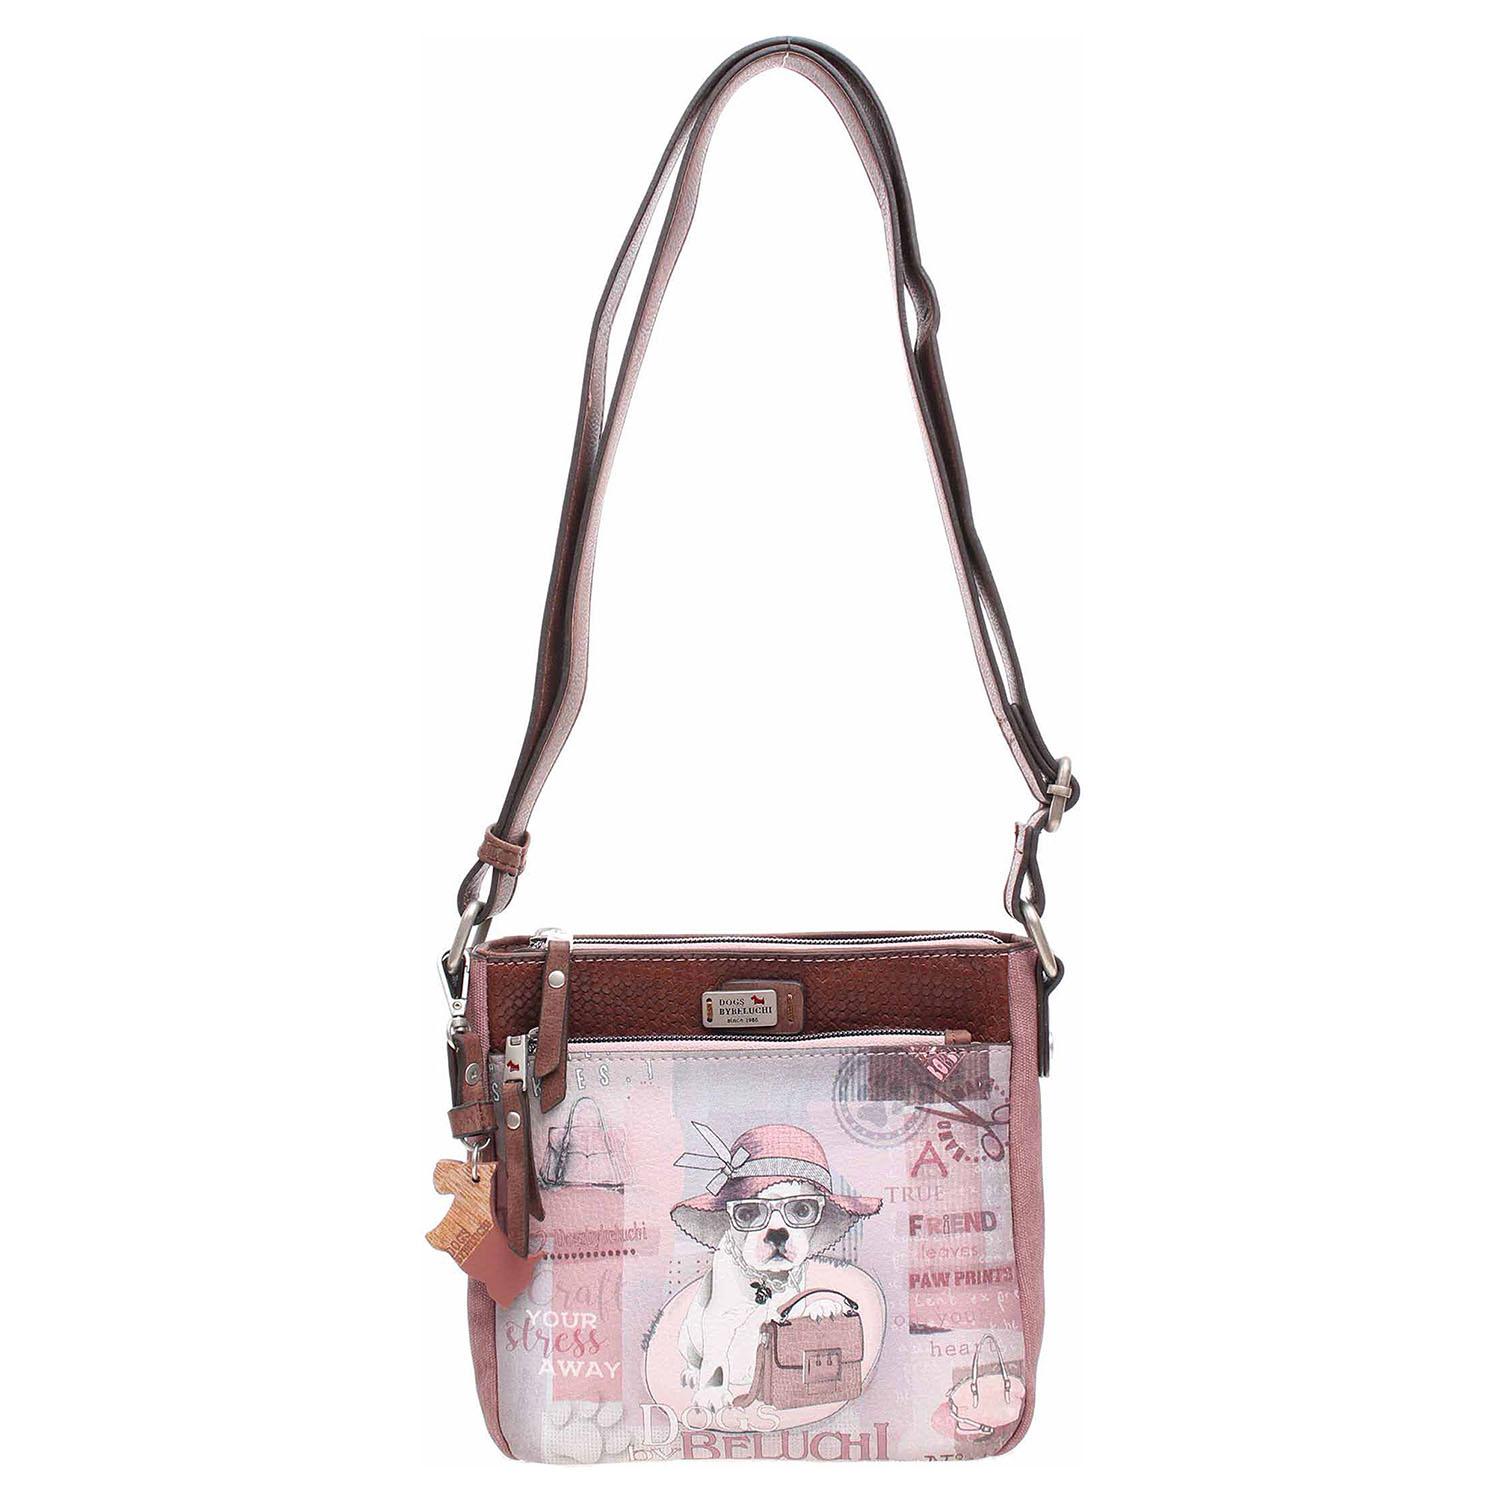 Ecco Dogsbybeluchi dámská kabelka 28402-01 růžová 11891556